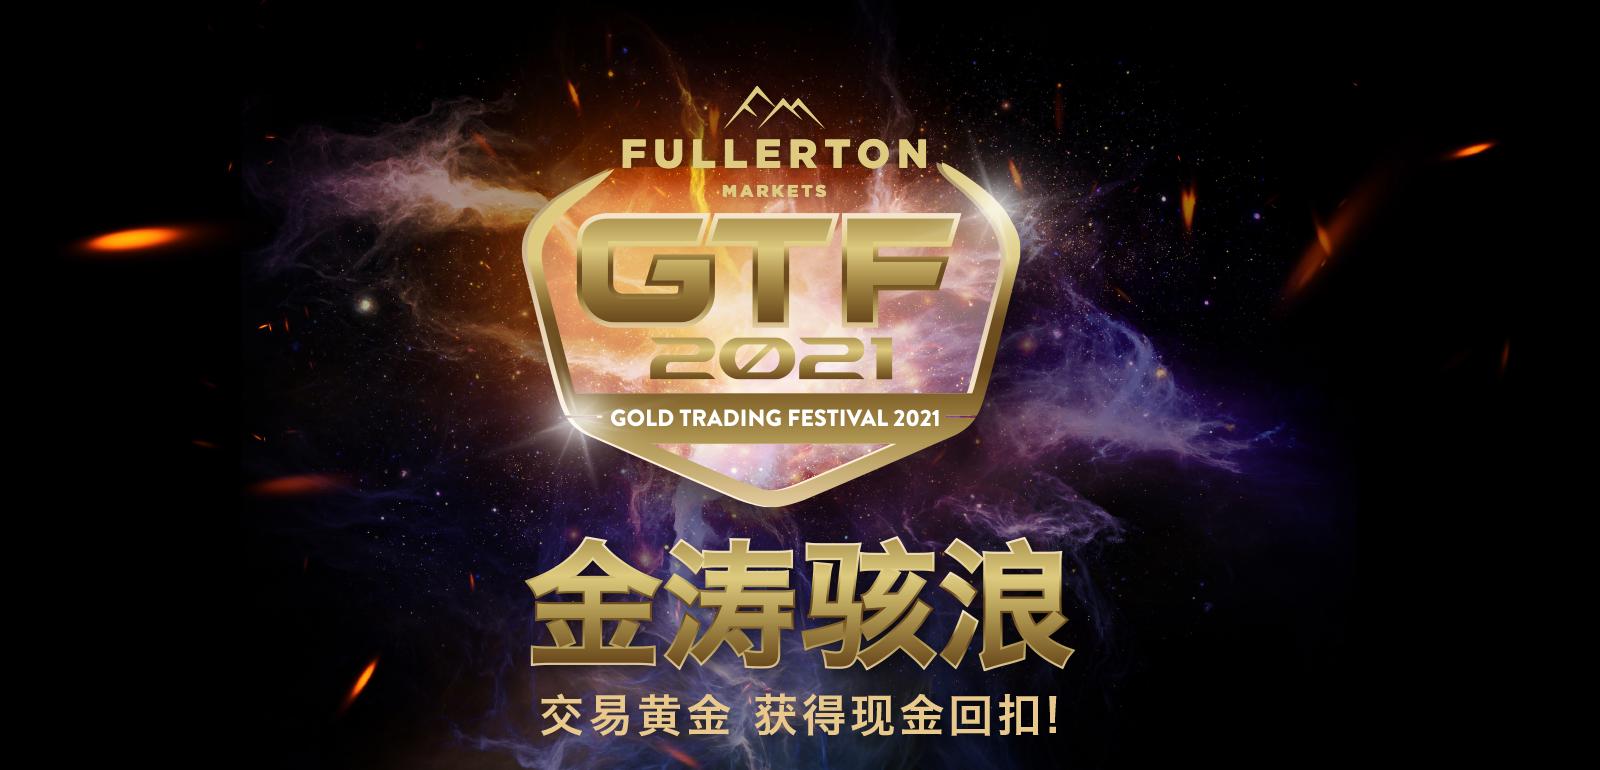 Gold Trading Festival